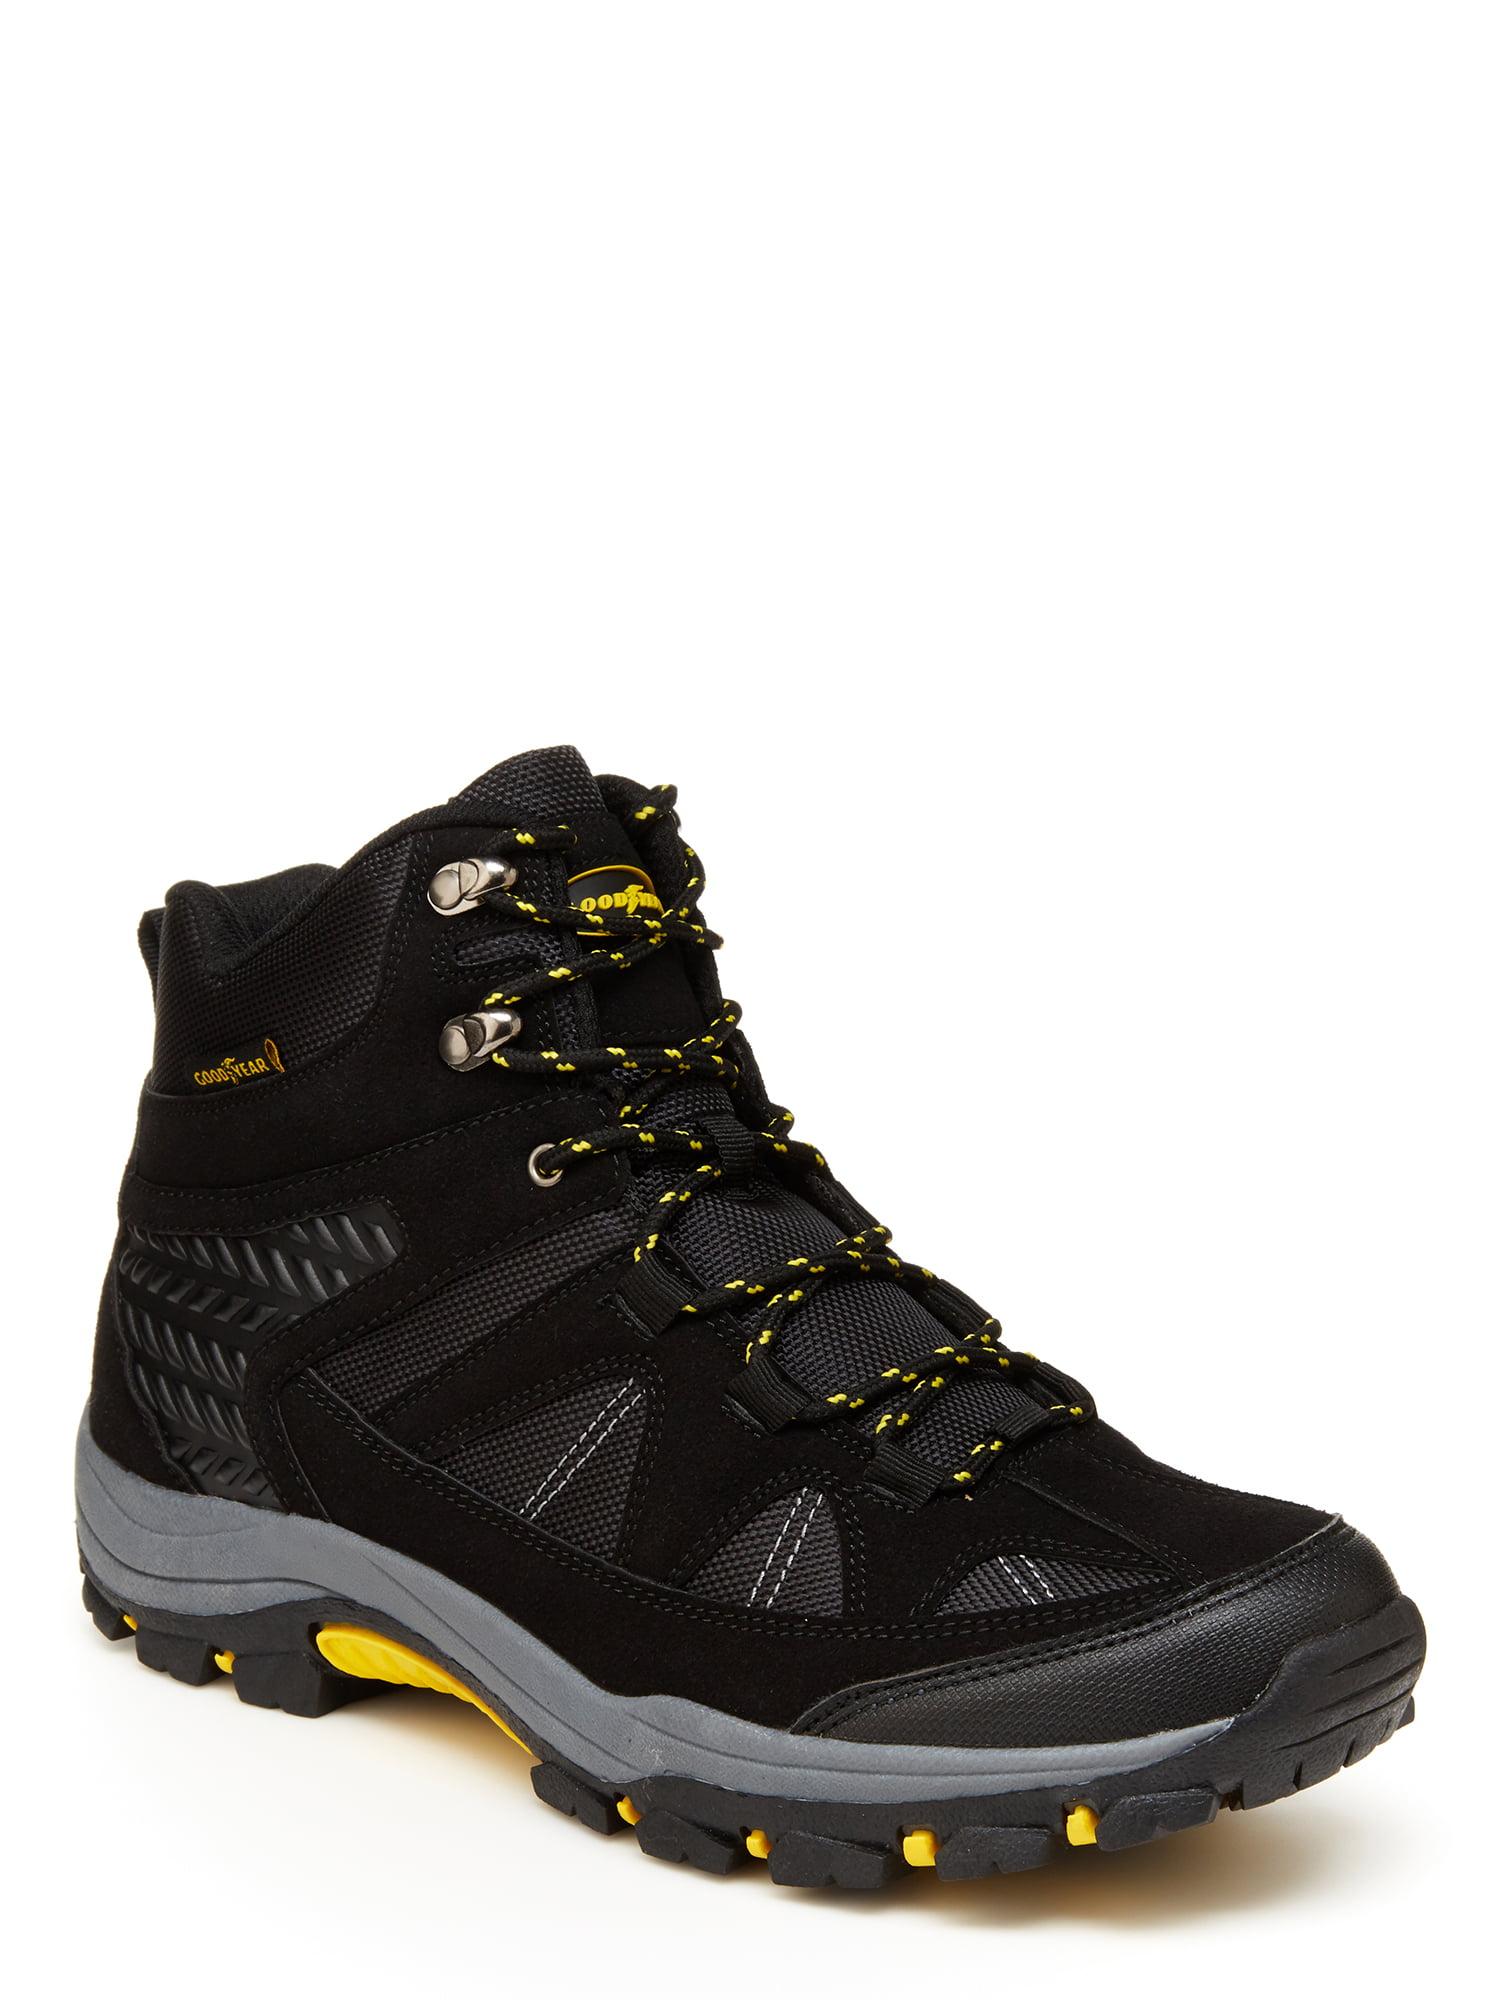 Mens Work Boots \u0026 Shoes - Walmart.com